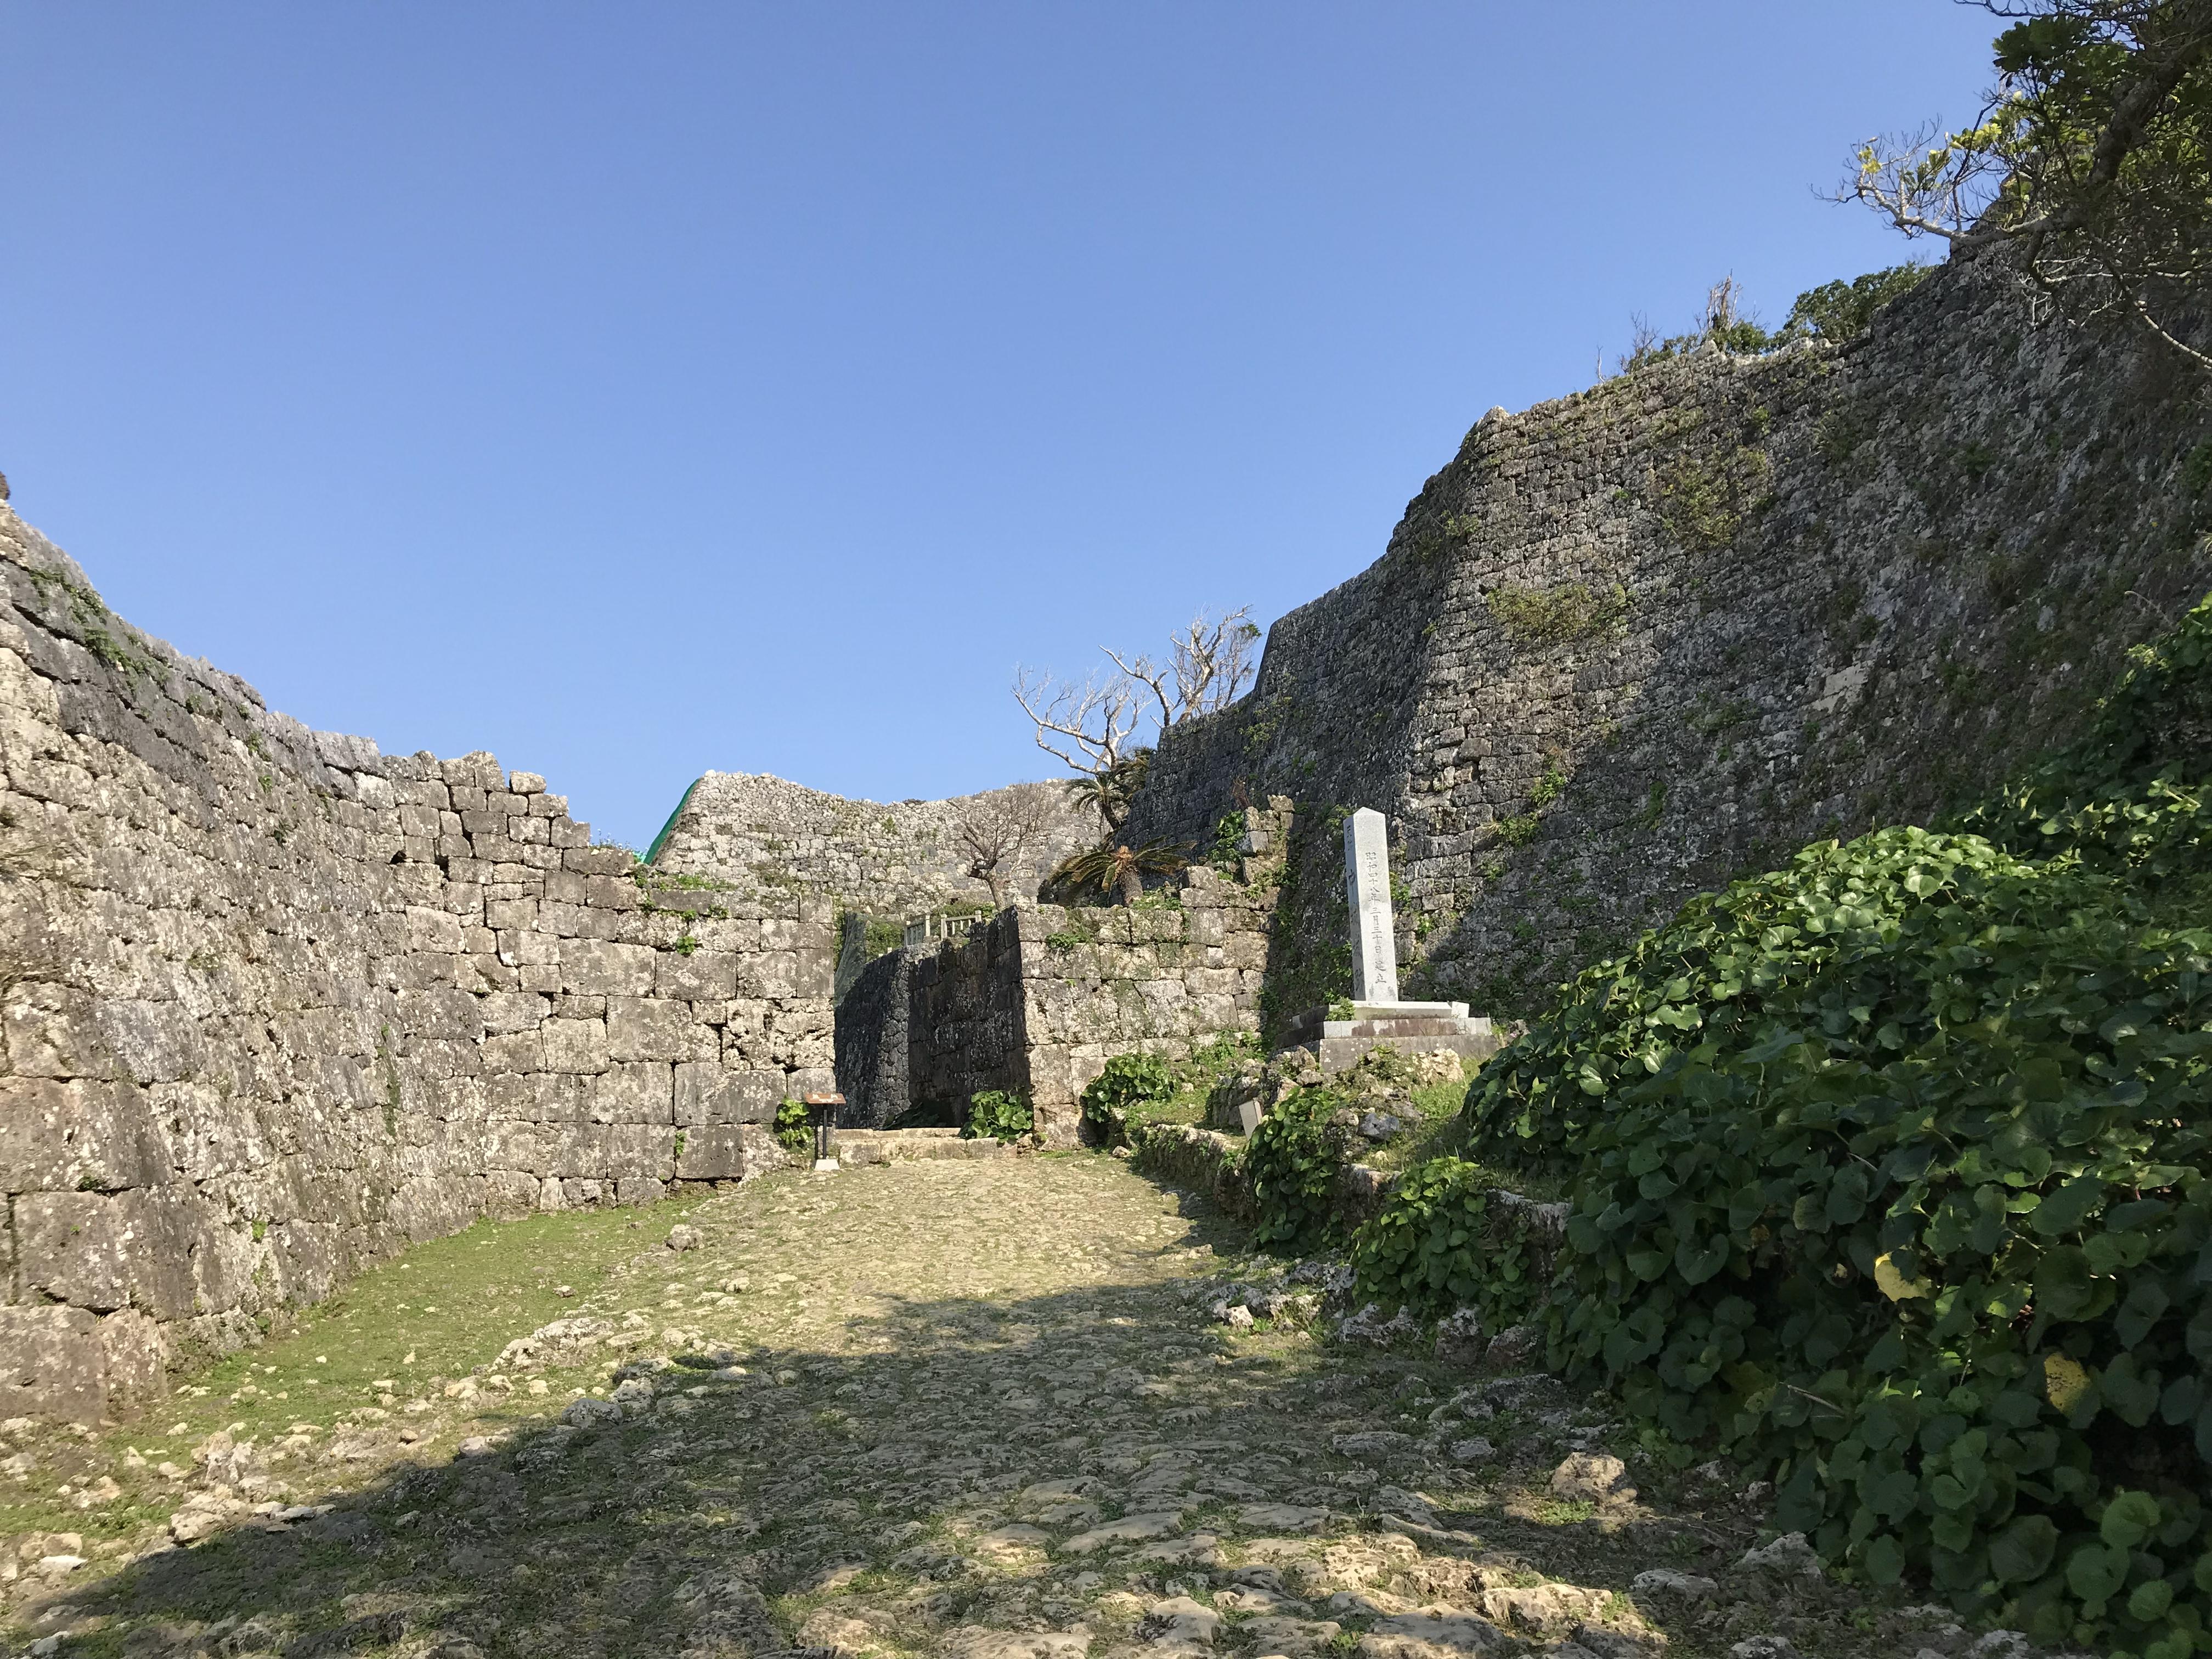 中城城跡、石積建築が分かる画像